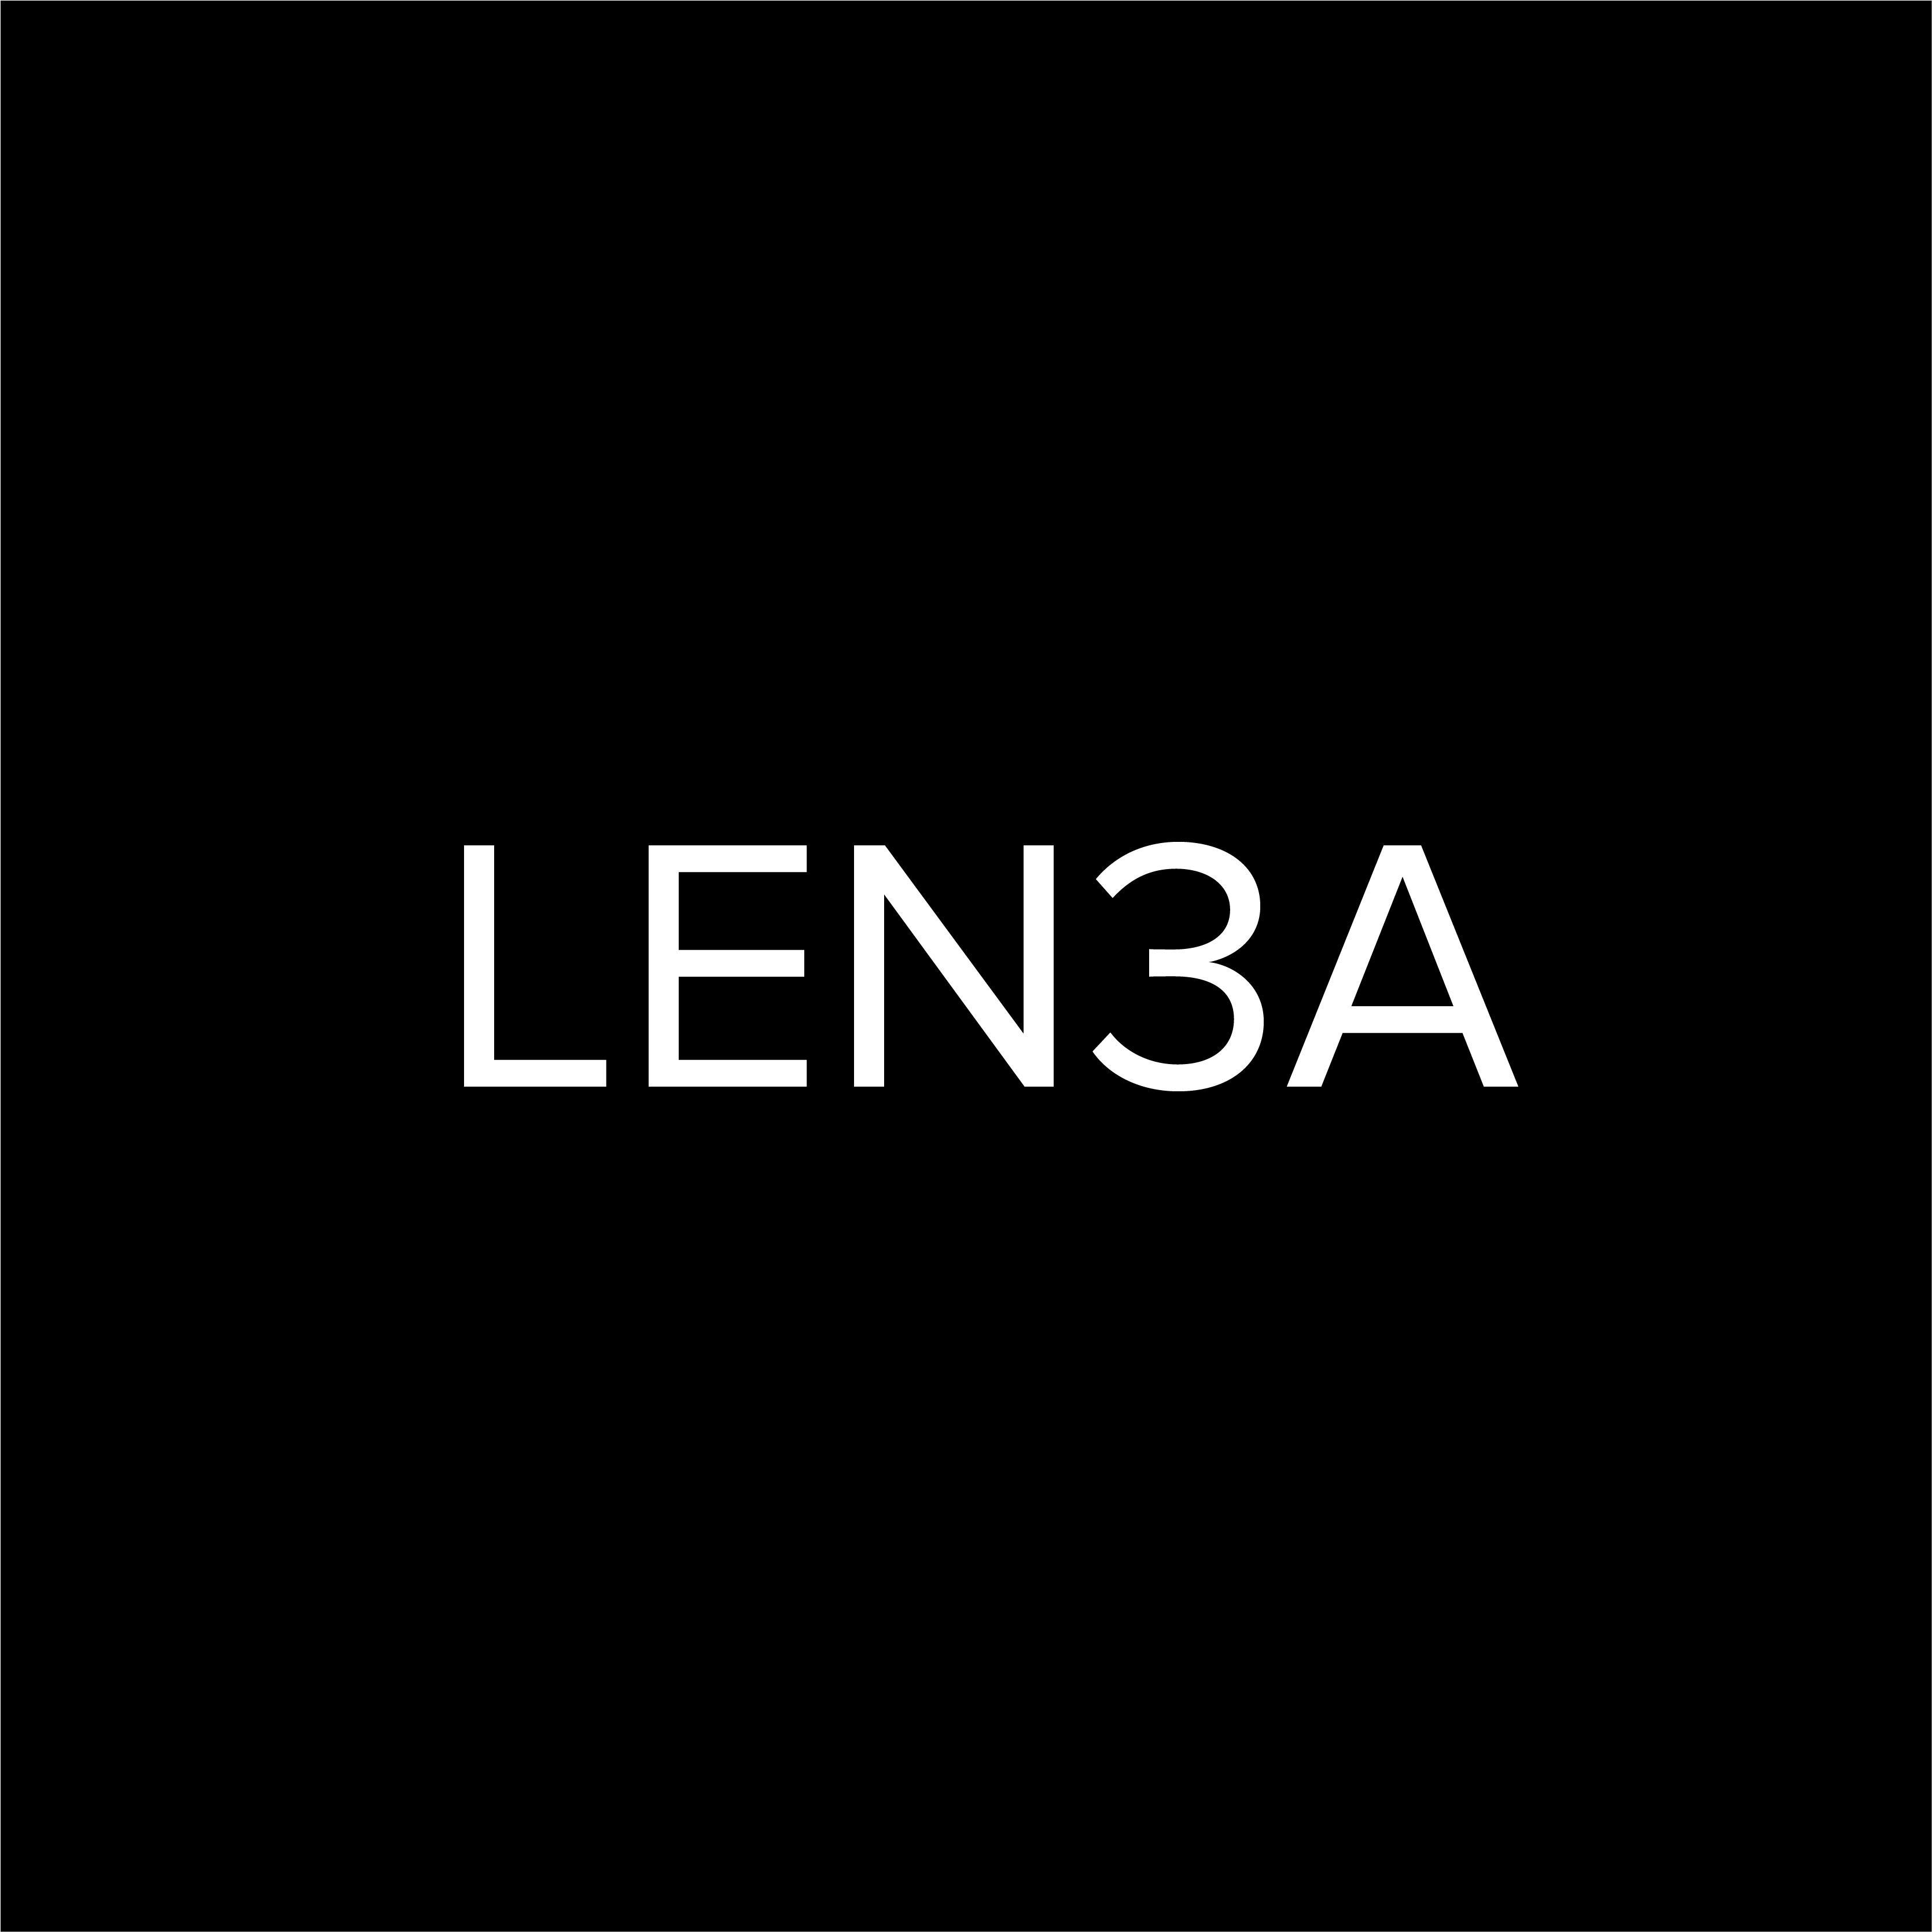 Len3a